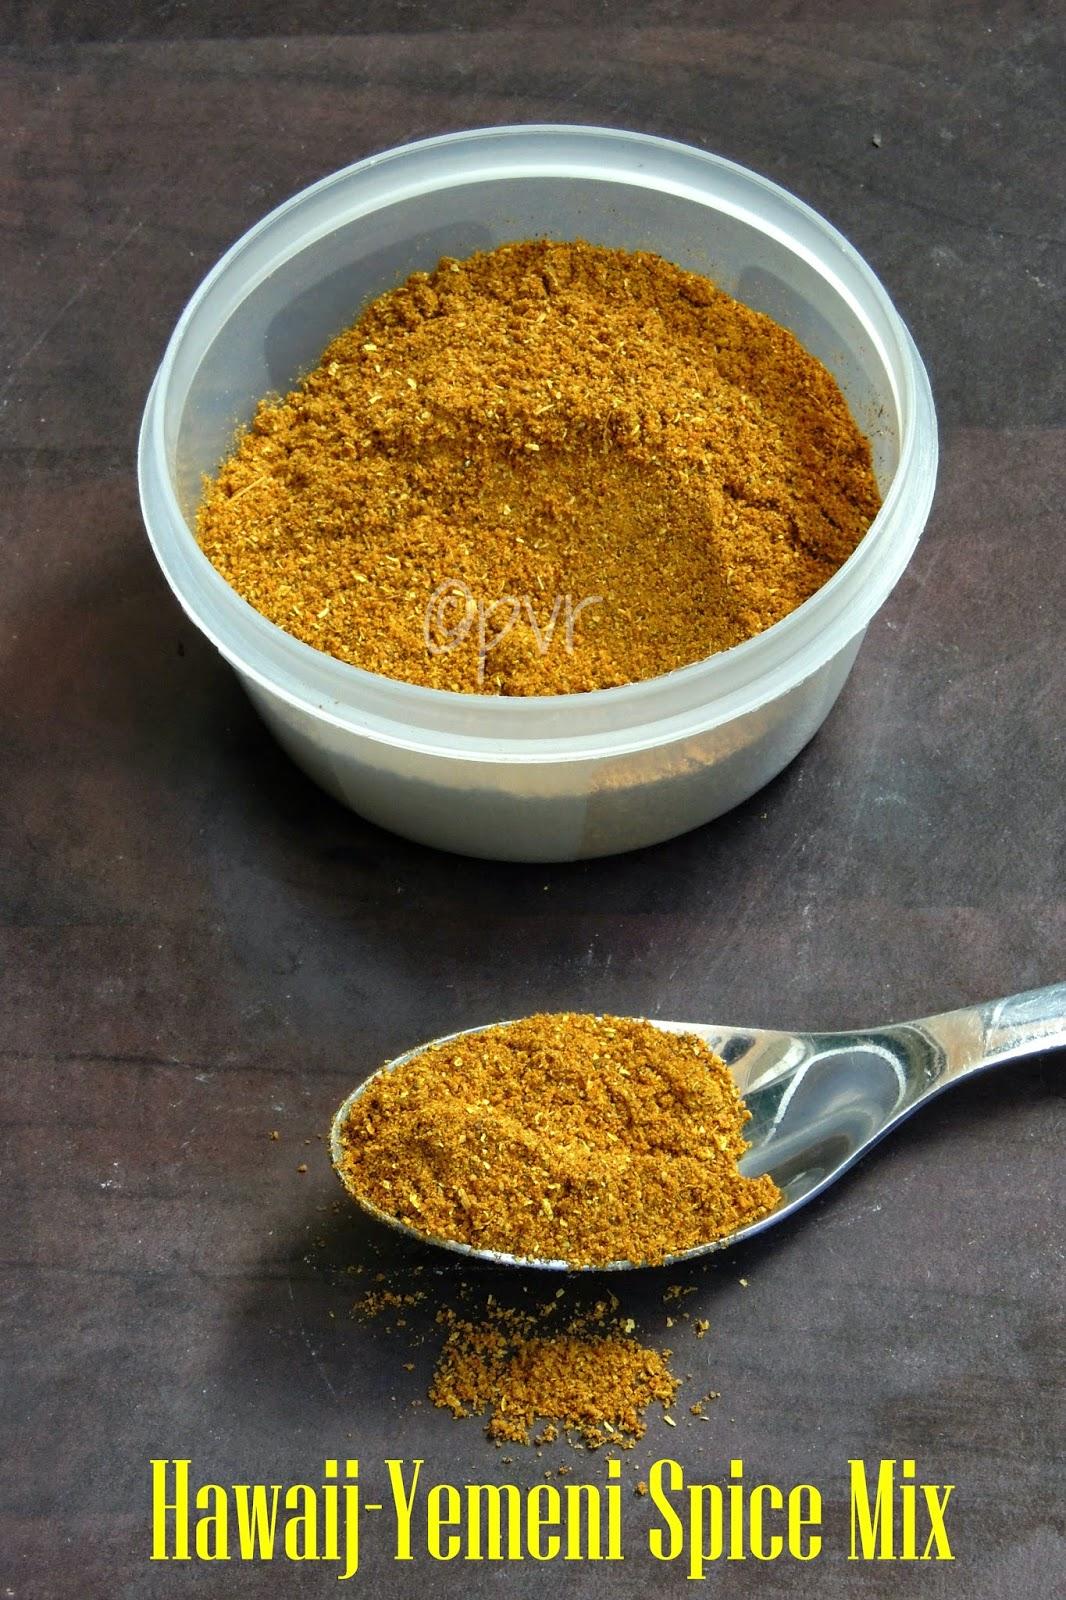 Yemeni Spice Mix,Hawaij, Yemeni Vegan Spice Powder